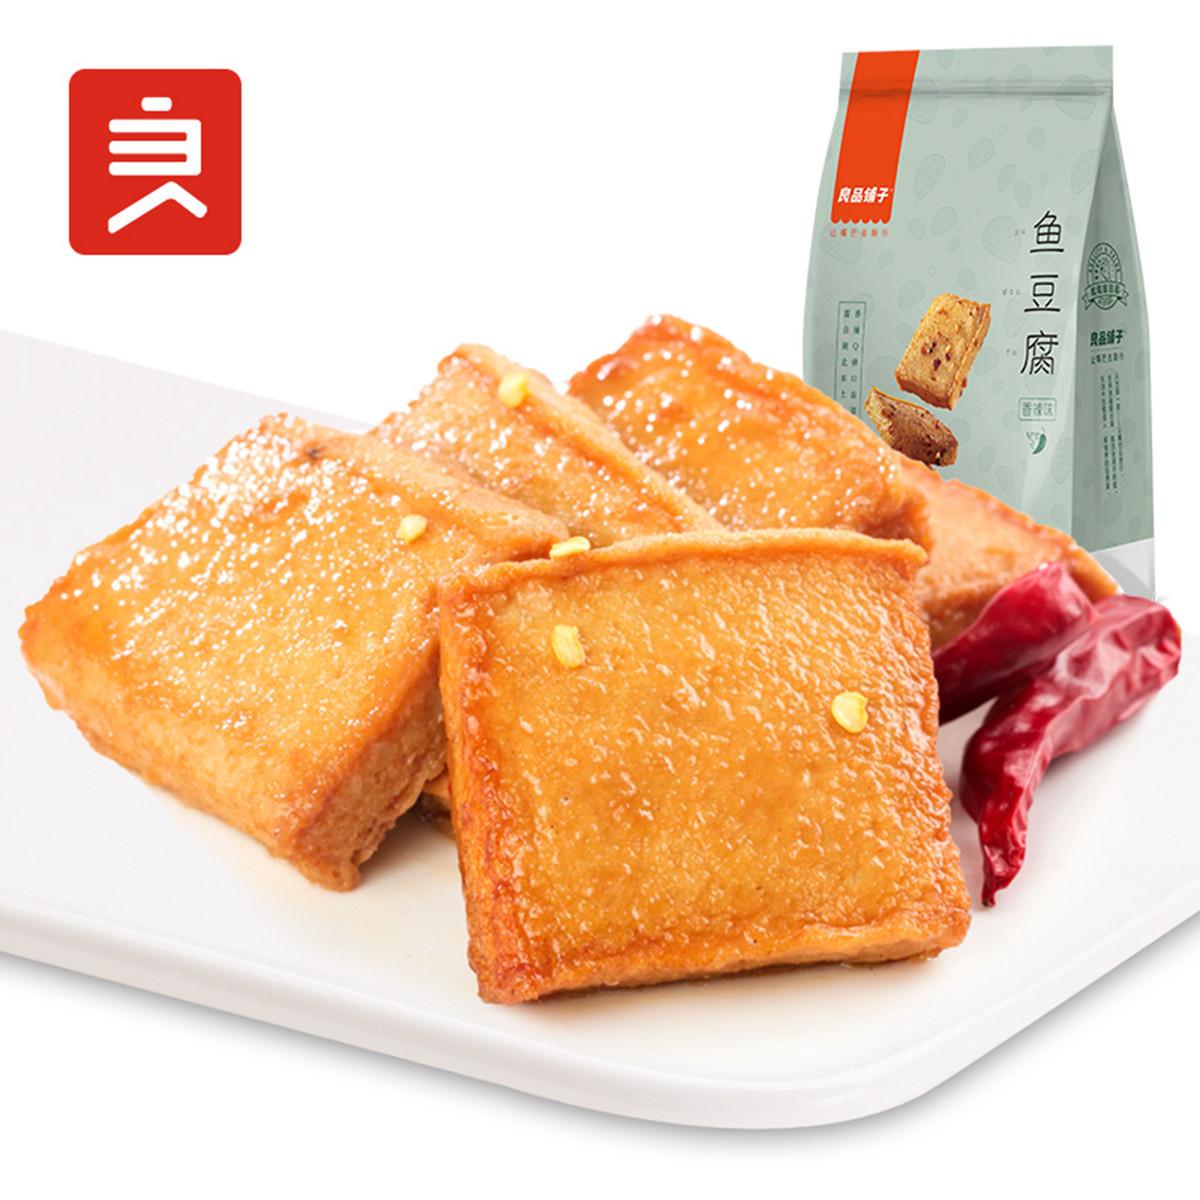 良品铺子良品铺子 鱼豆腐170g香辣味豆干COLOR鱼豆腐170g